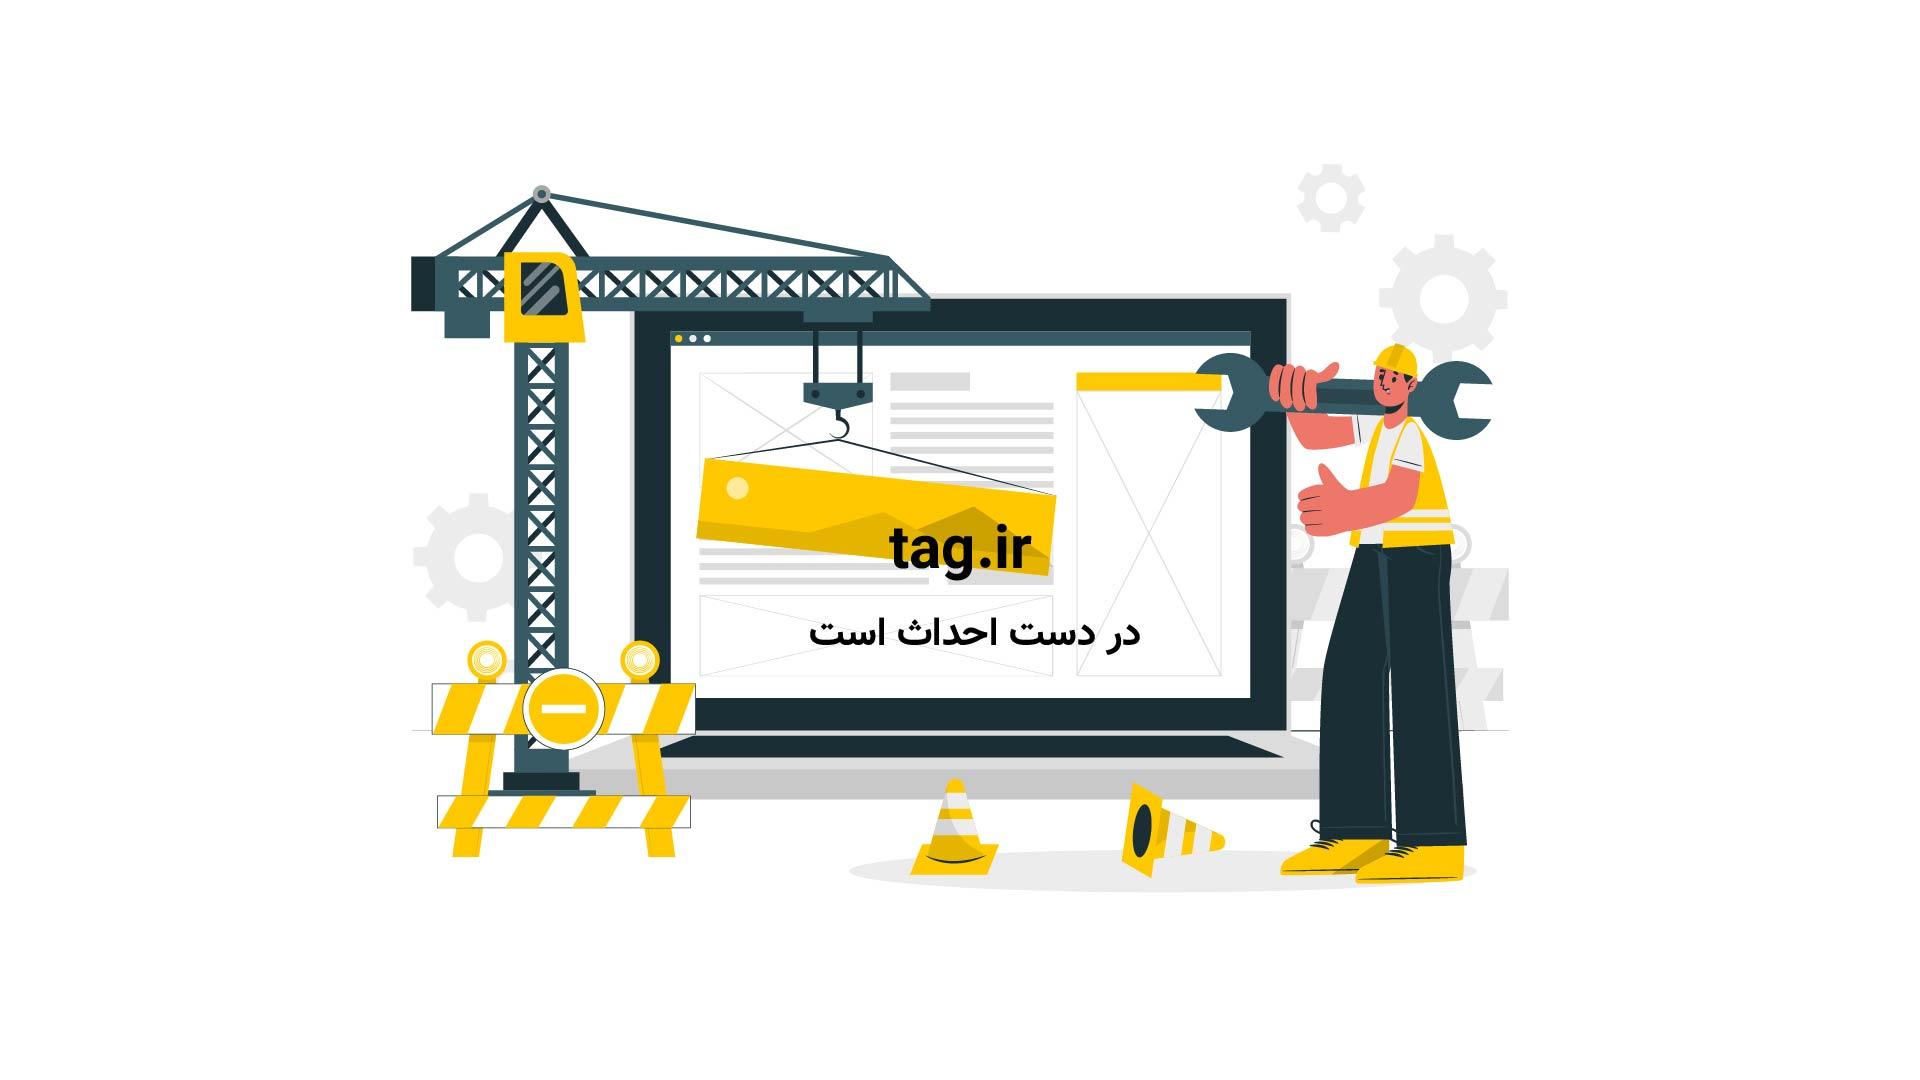 تزیین میز غذا خوری کریسمسی | تگ